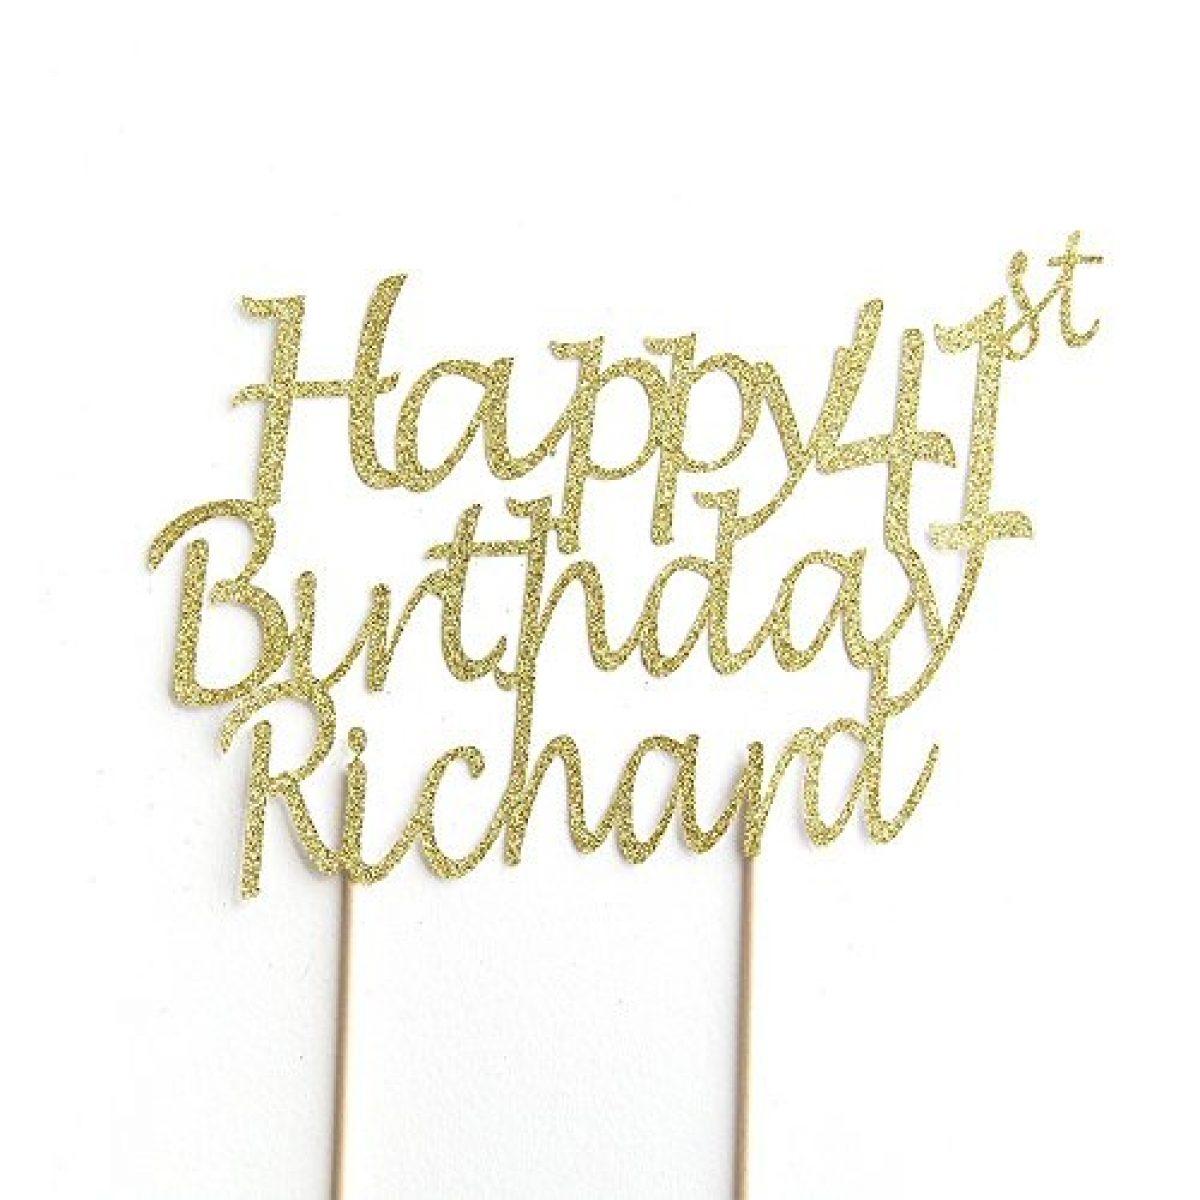 Enjoyable Happy Birthday Cake Topper Personalised Name And Age Personalised Birthday Cards Petedlily Jamesorg